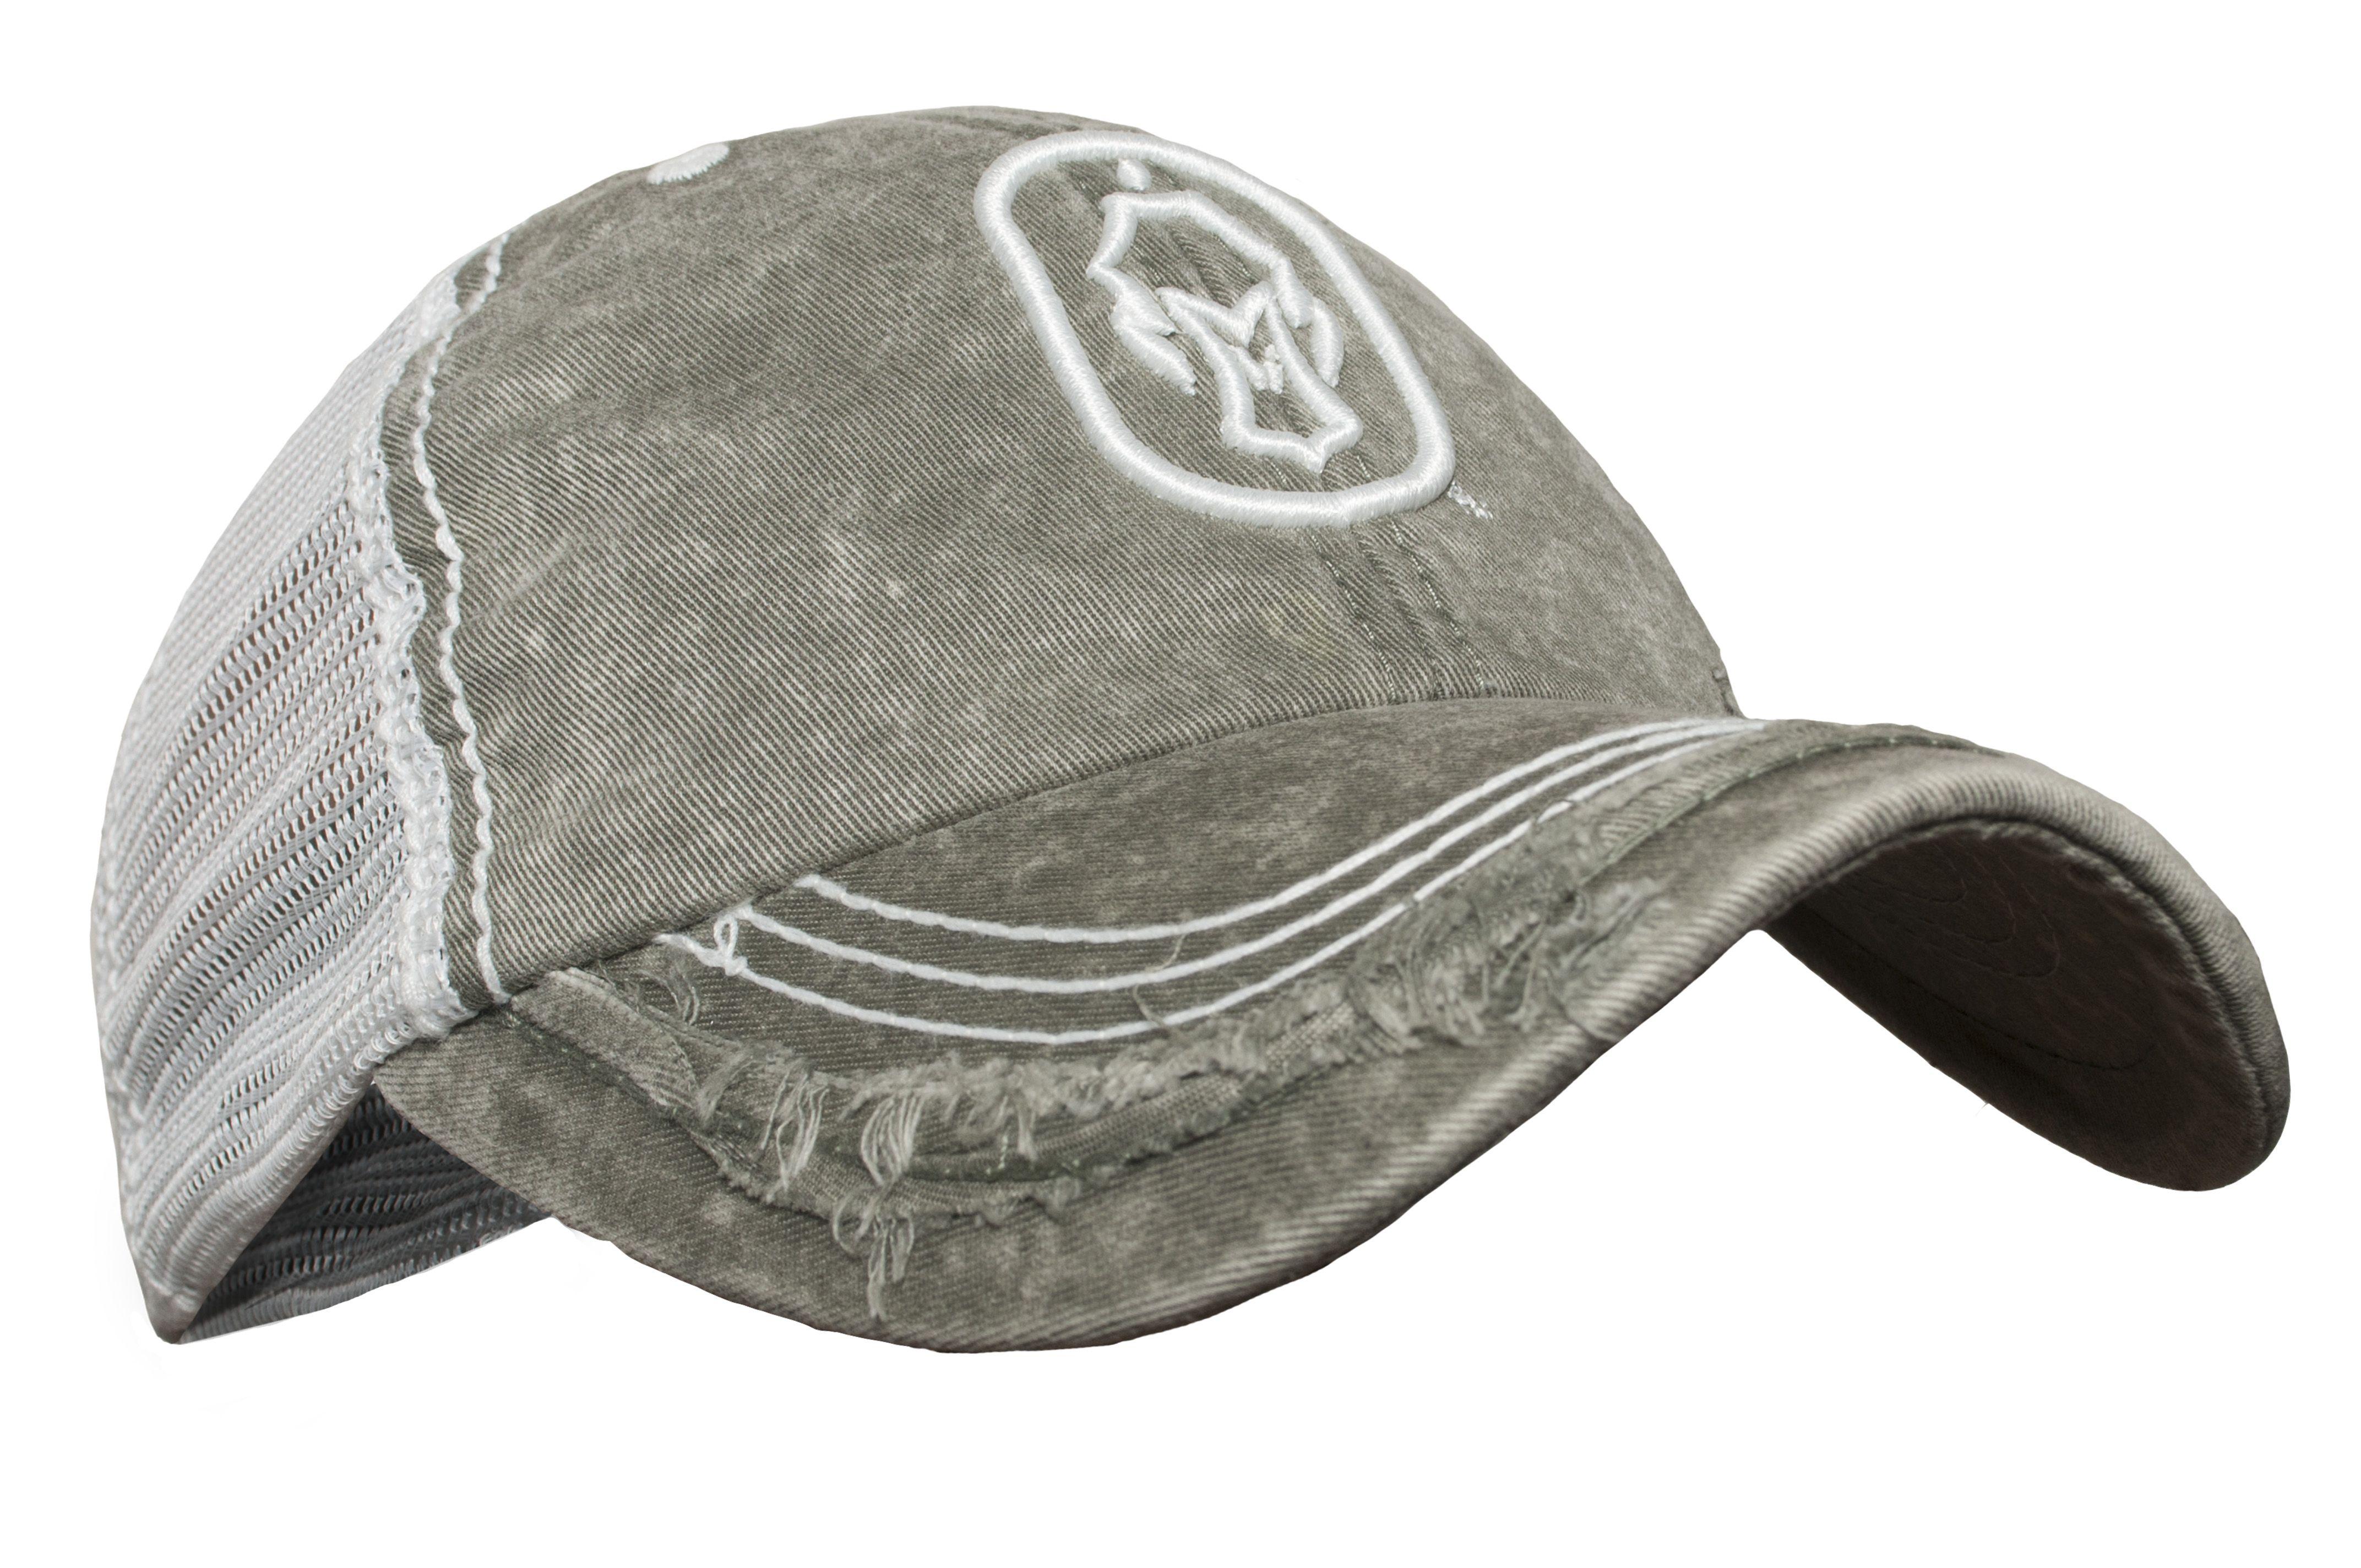 Hard Core - Distressed Dog Tag Hat Olive Mesh Strap Back  HardCore   HardCoreClothing  Lifestyle  Hat  WaterfowlHunting 63c01171149